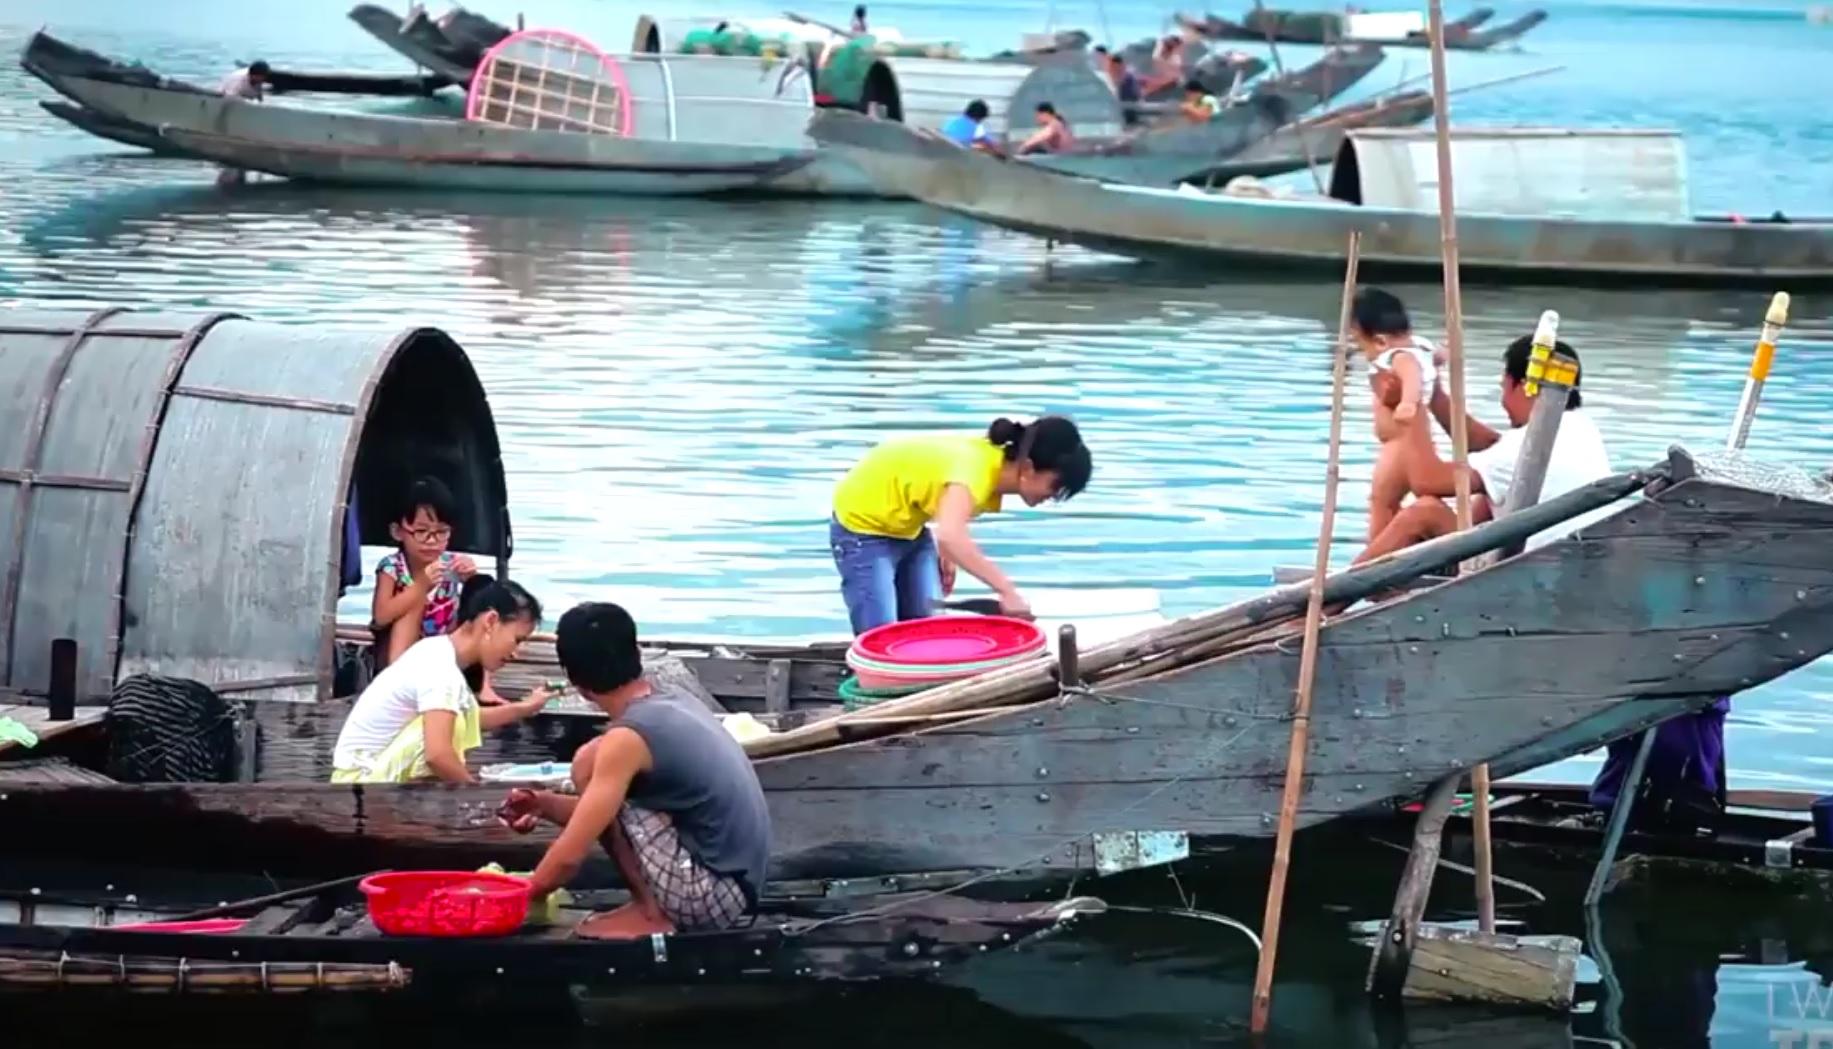 Suốt ngày đi Thái, đi Hàn, bạn có đang bỏ lỡ một Việt Nam đẹp xuất sắc như trong clip? - Ảnh 11.